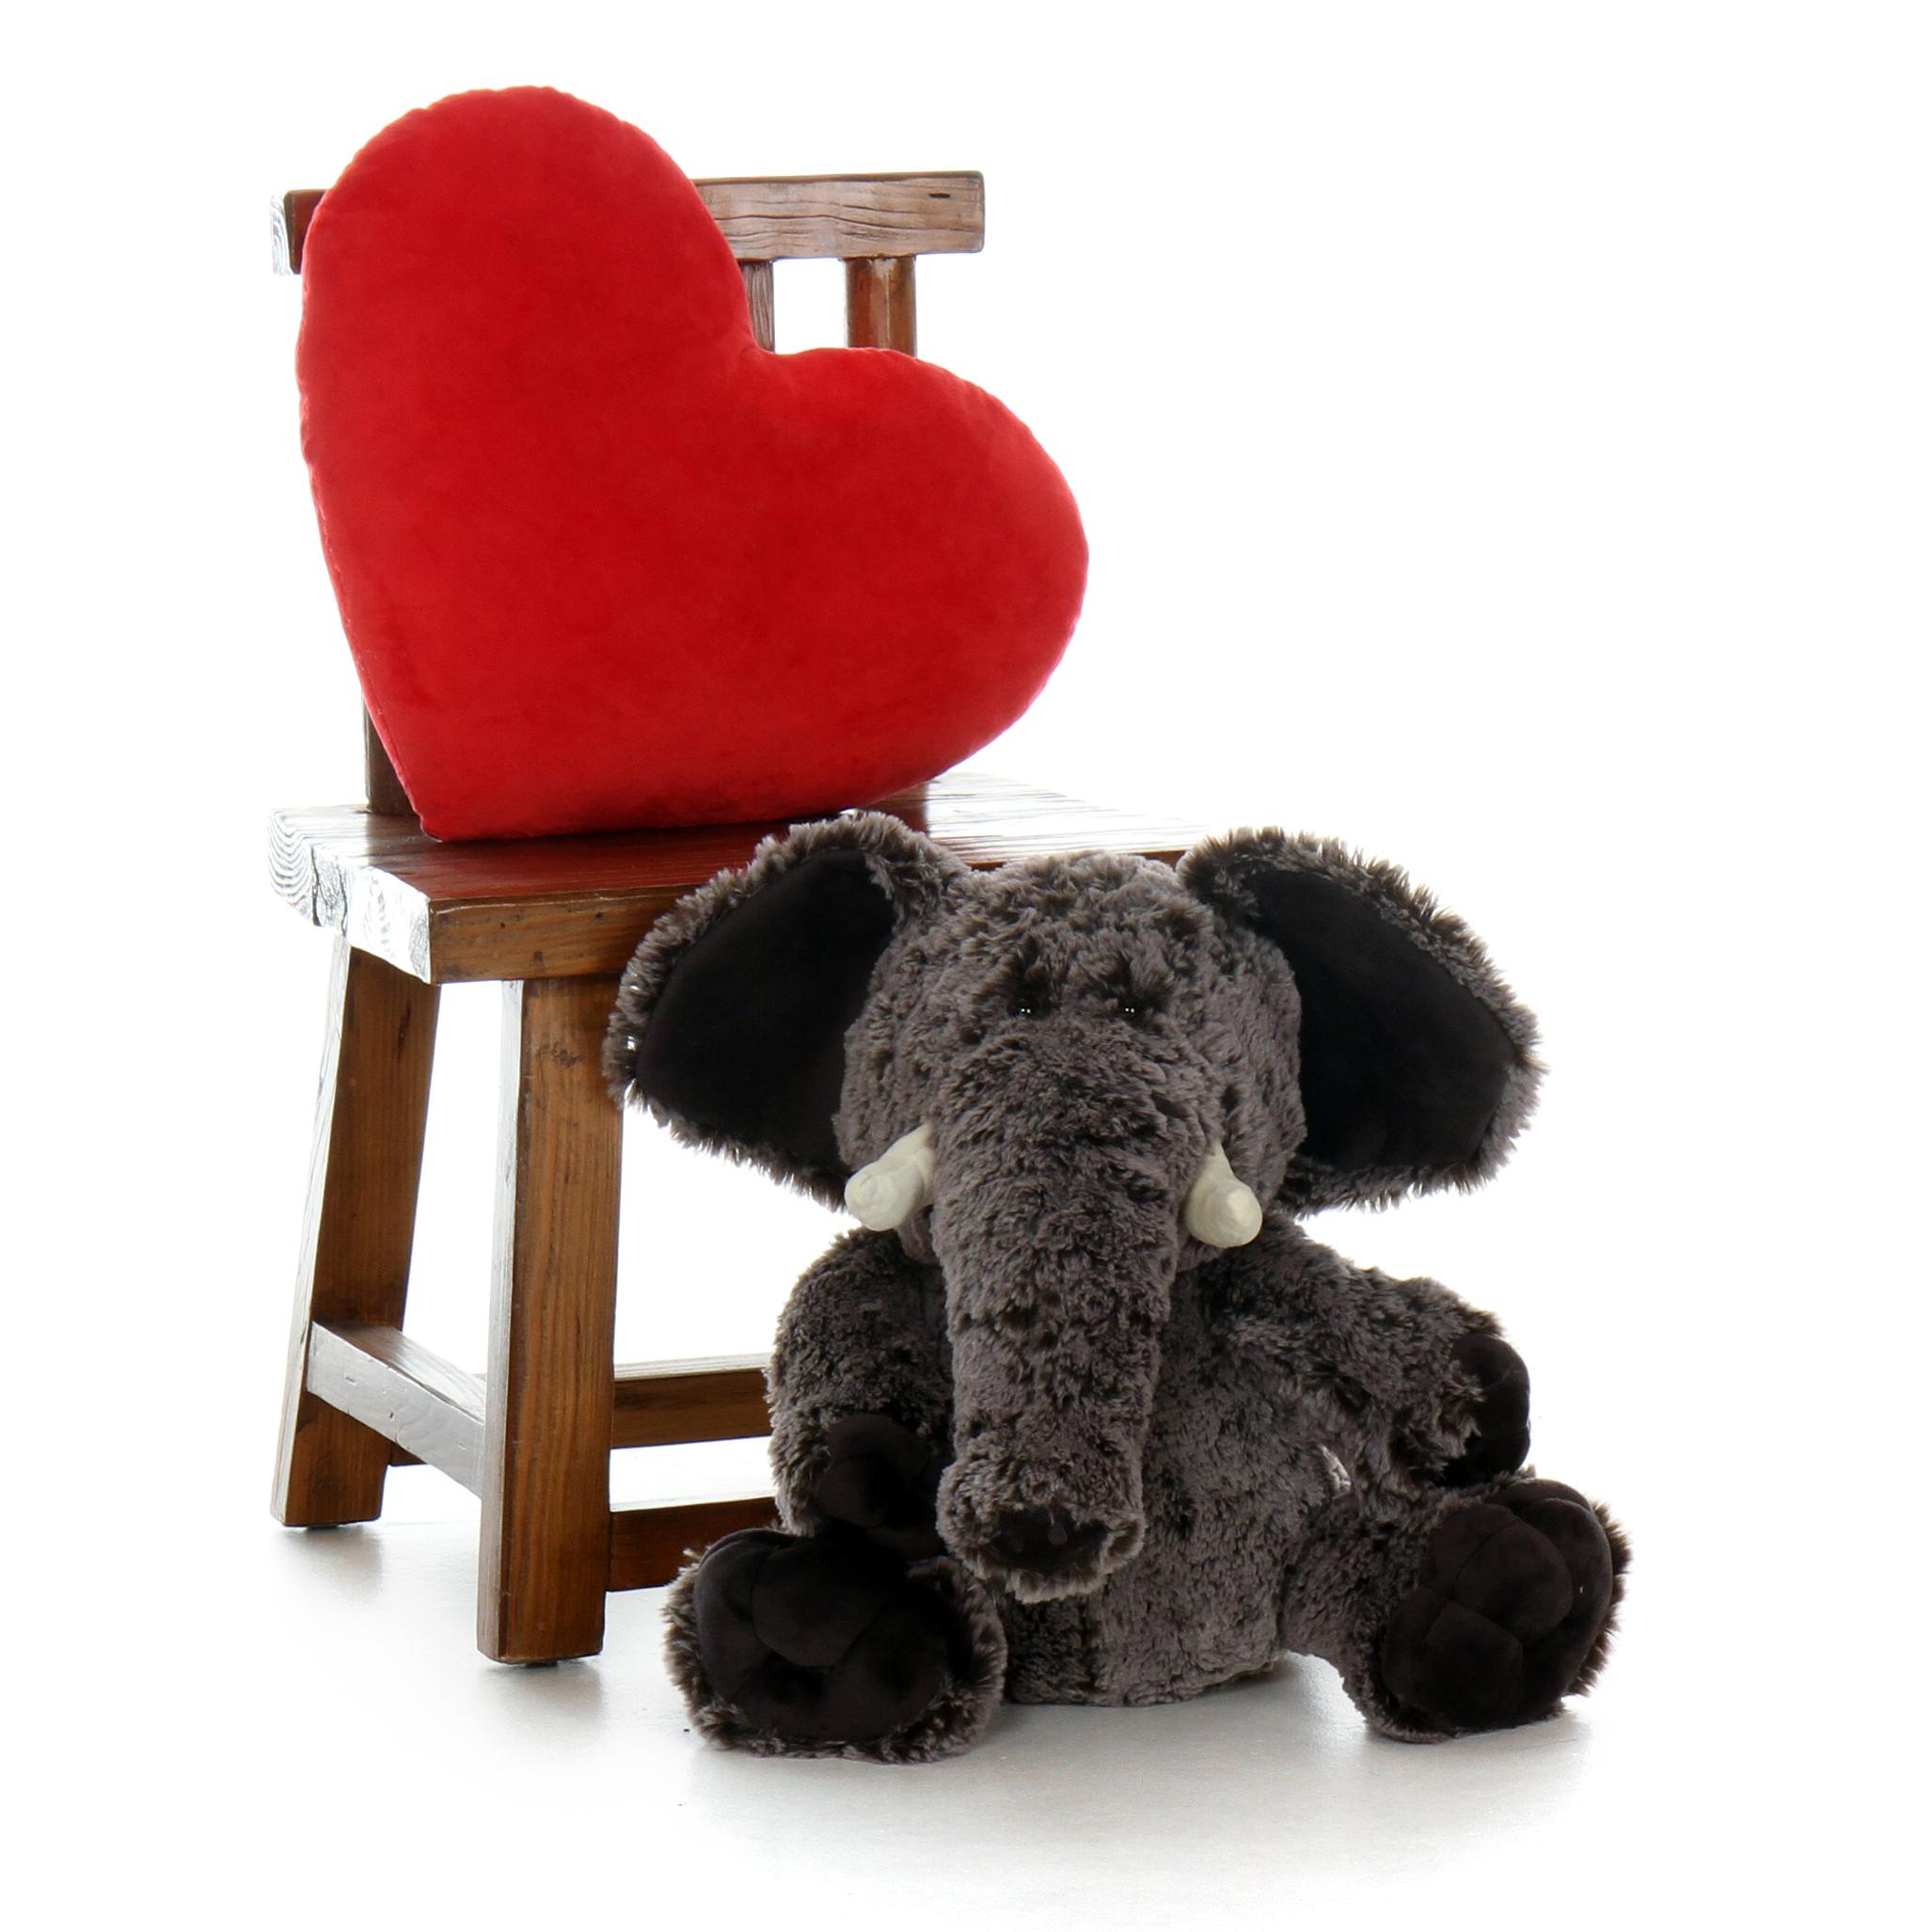 702440-red-heart-3.jpg